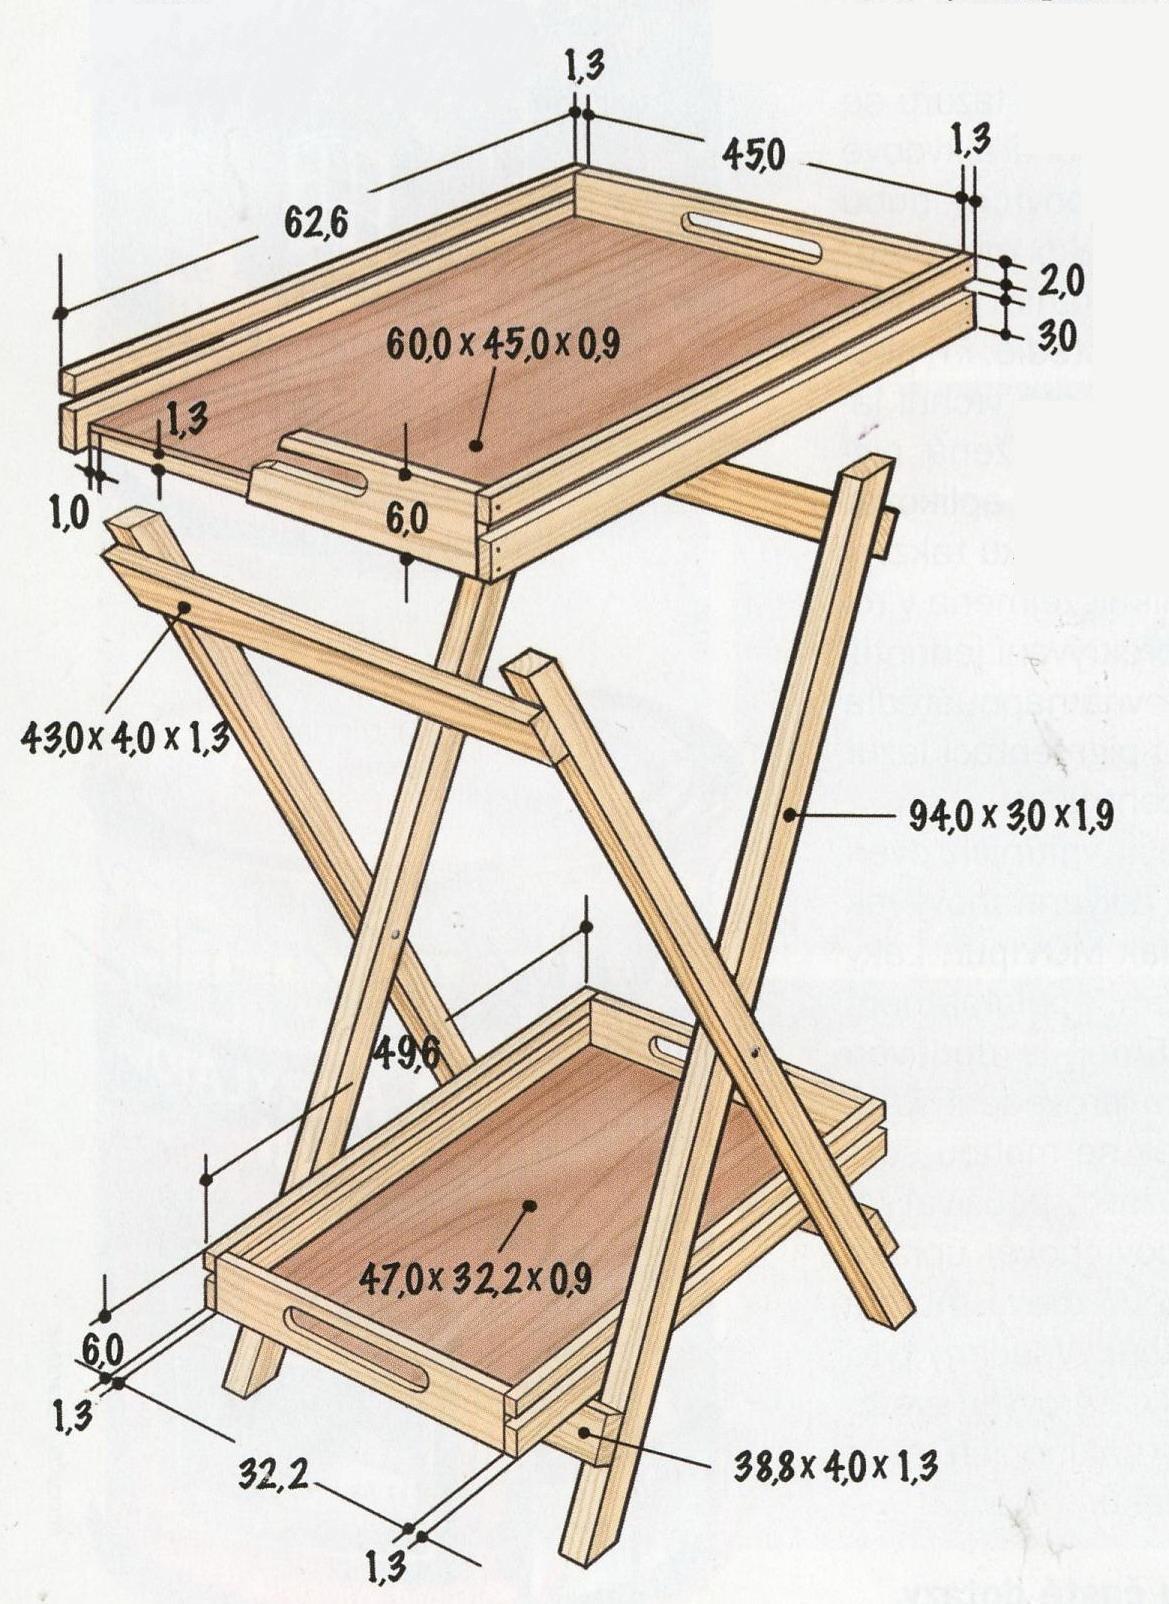 Складной стол своими руками 1000 фото, чертежи, инструкции 14